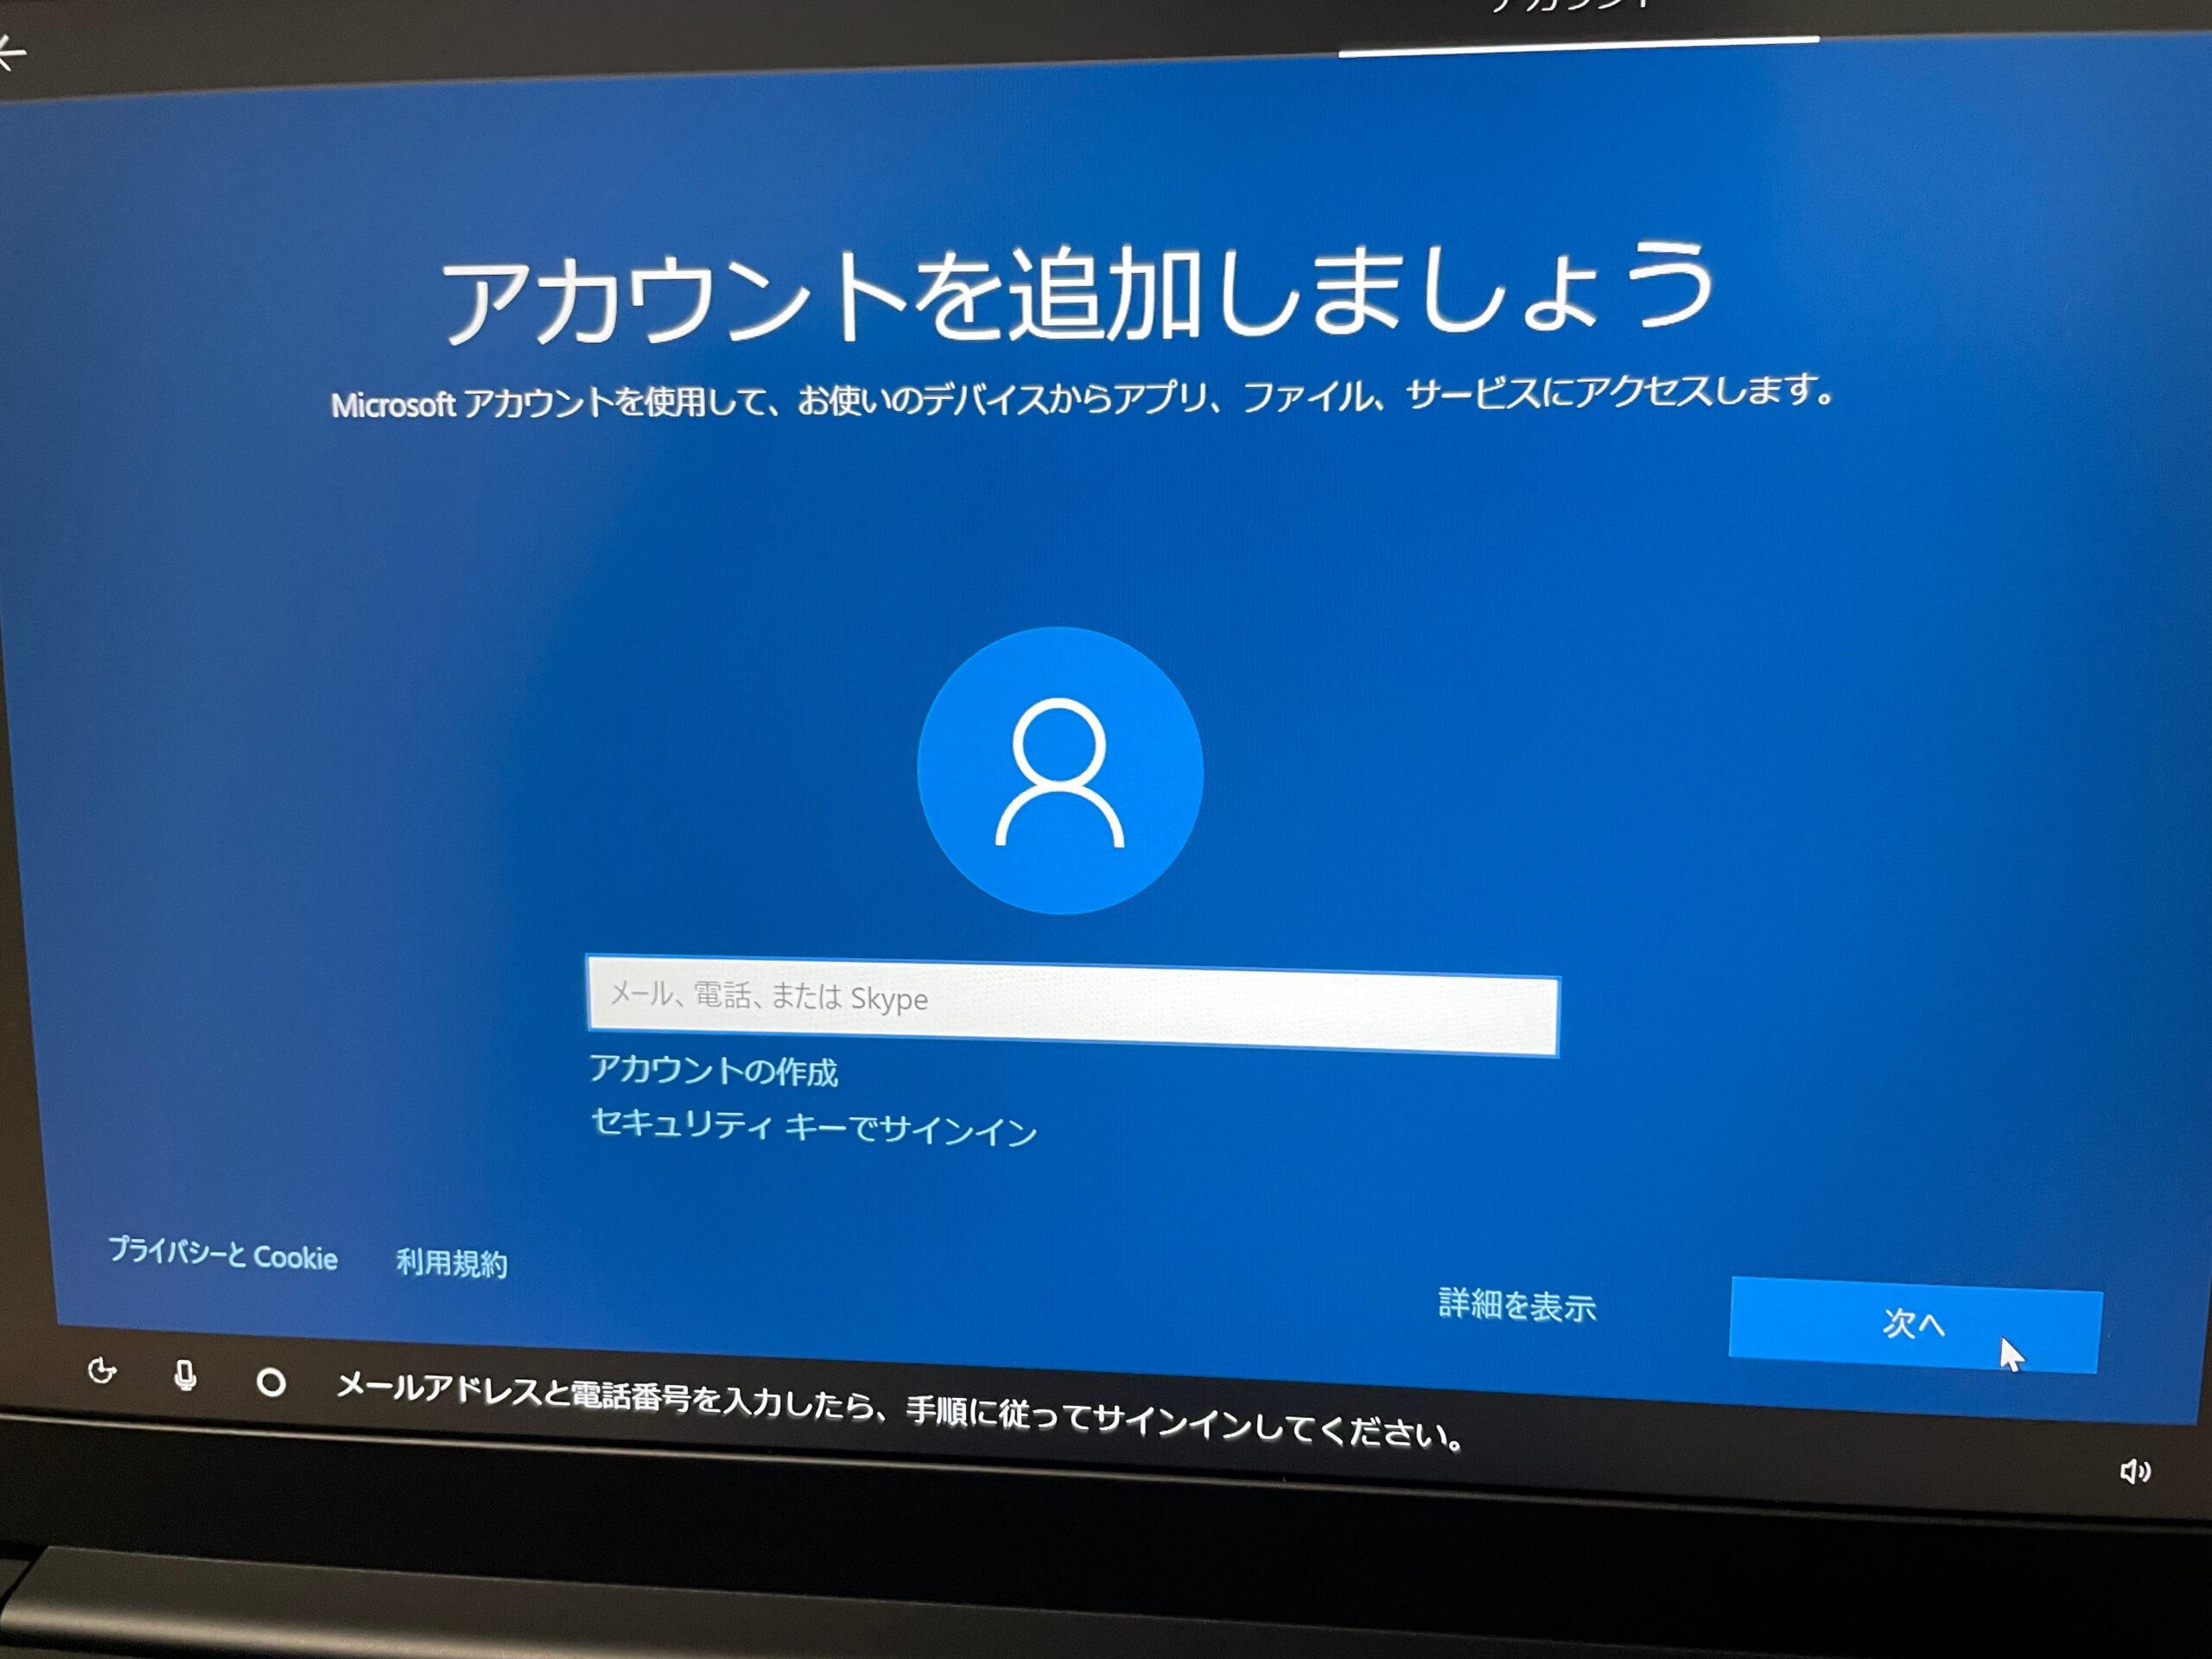 マイクロソフトアカウントの画面